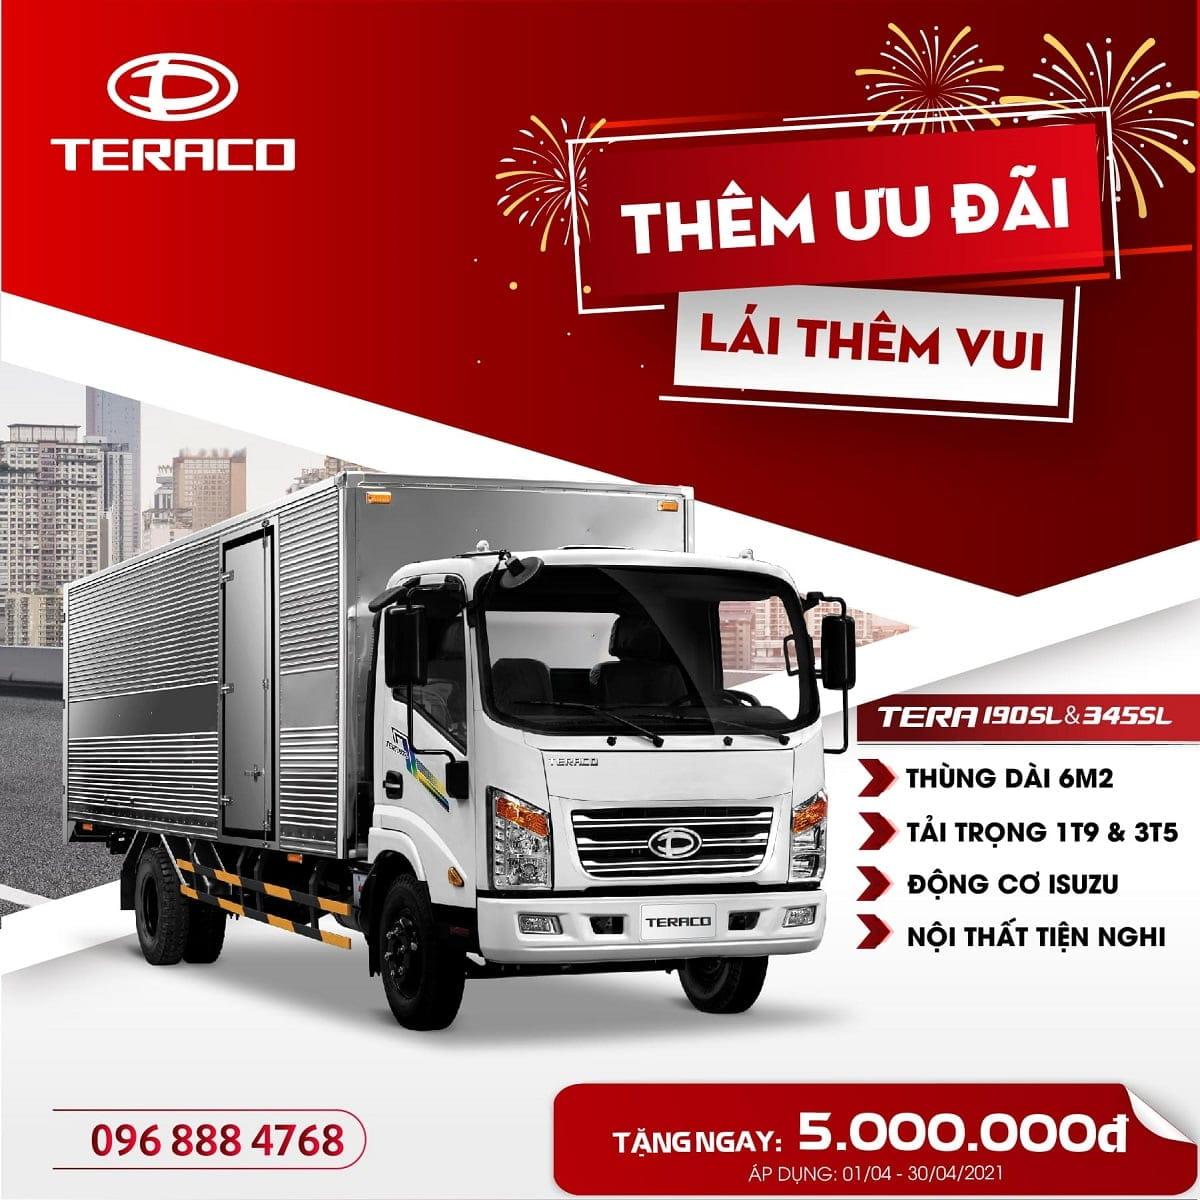 xe tải Teraco 190SL và xe tải Teraco 345SL